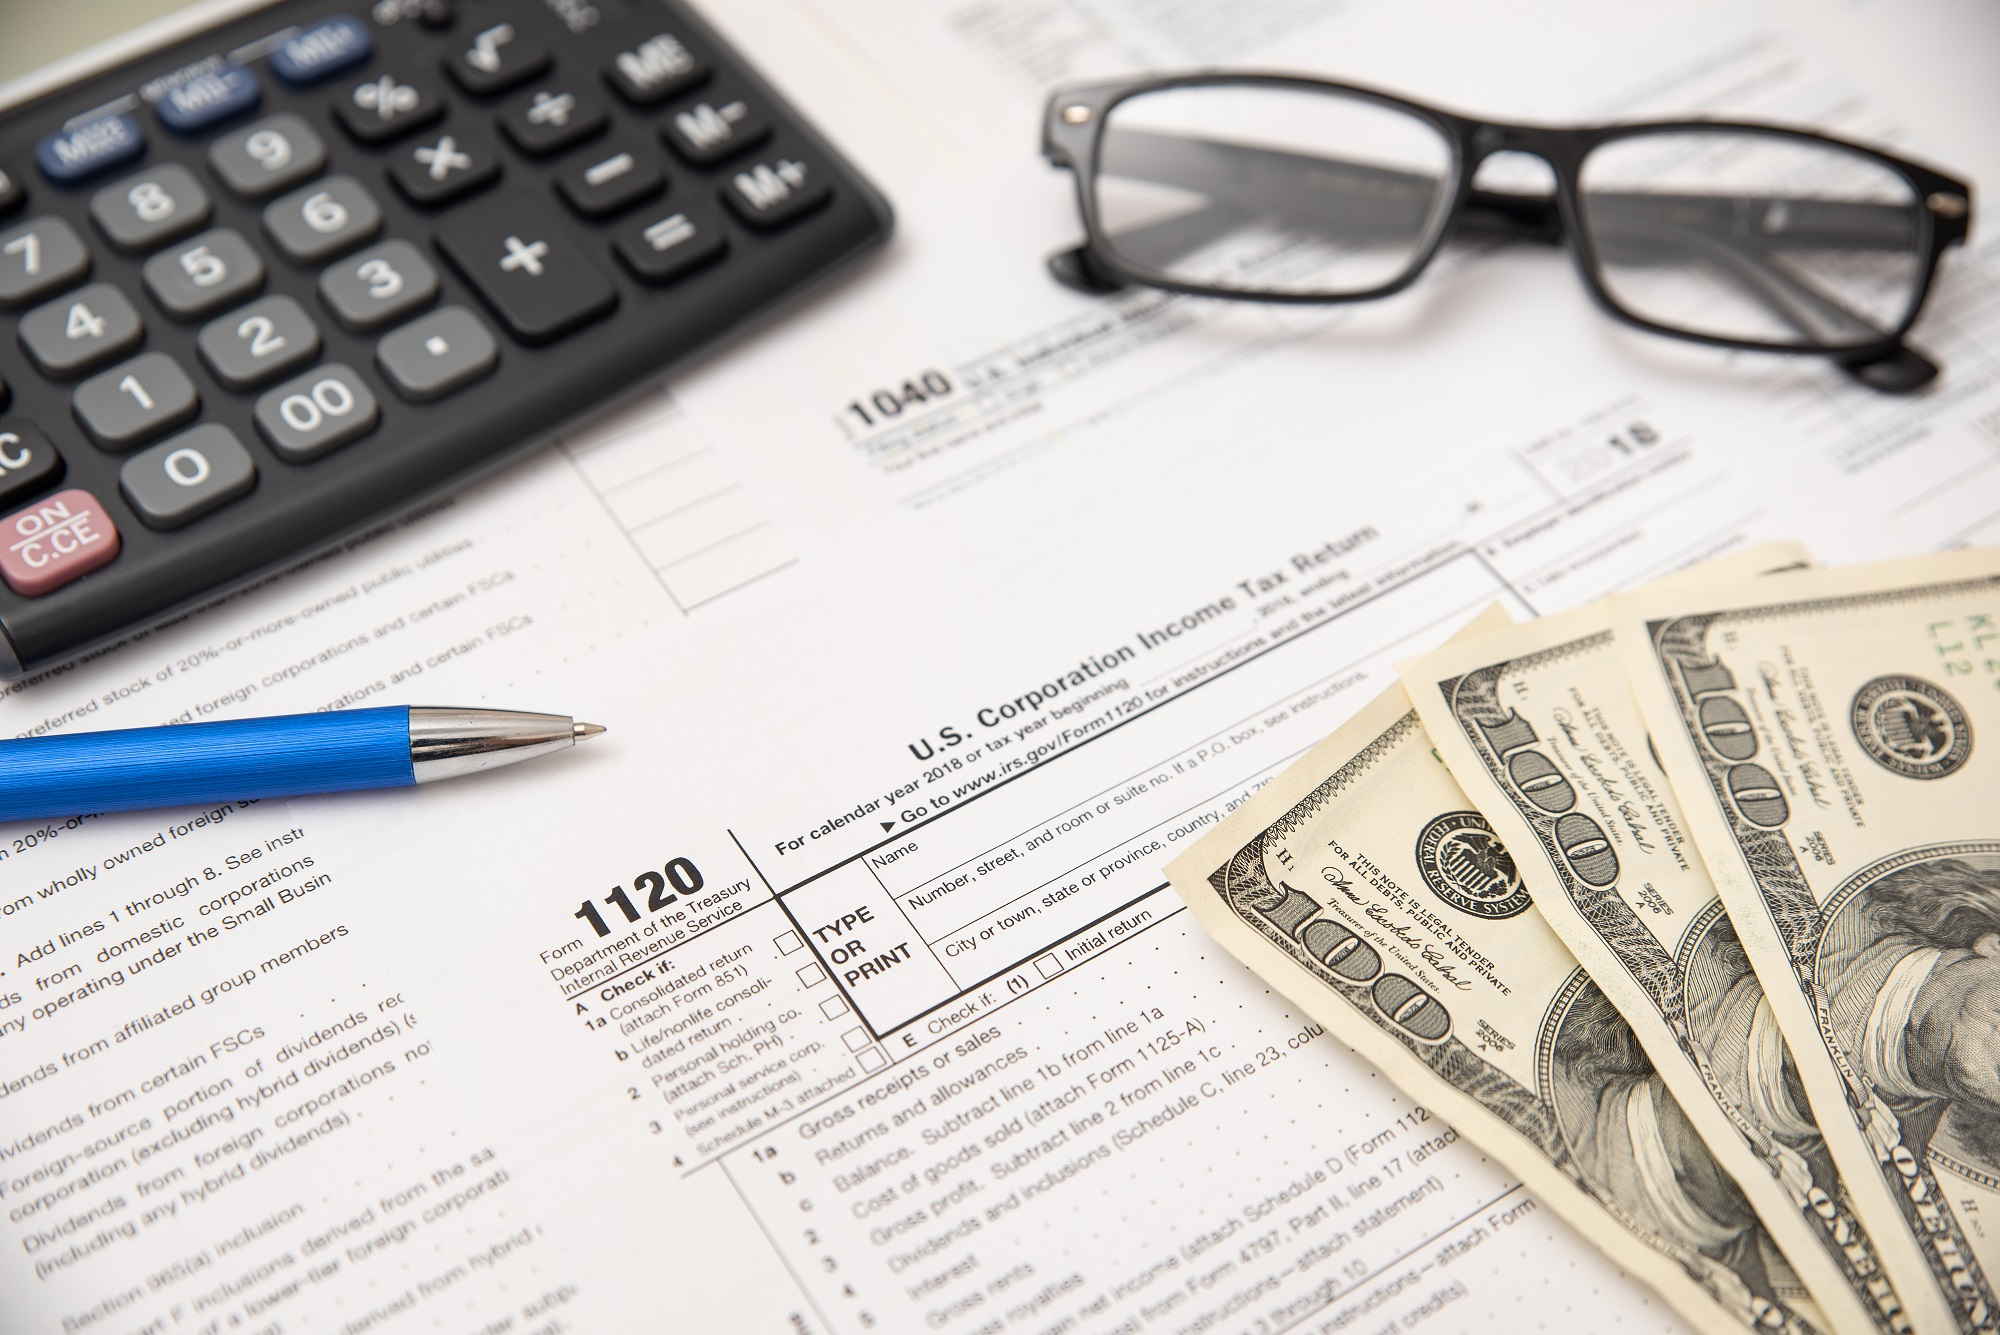 【アメリカ確定申告】知っておきたい基礎知識 「第7回:どの書類を用いて税務申告するのか(法人)」 イメージ画像